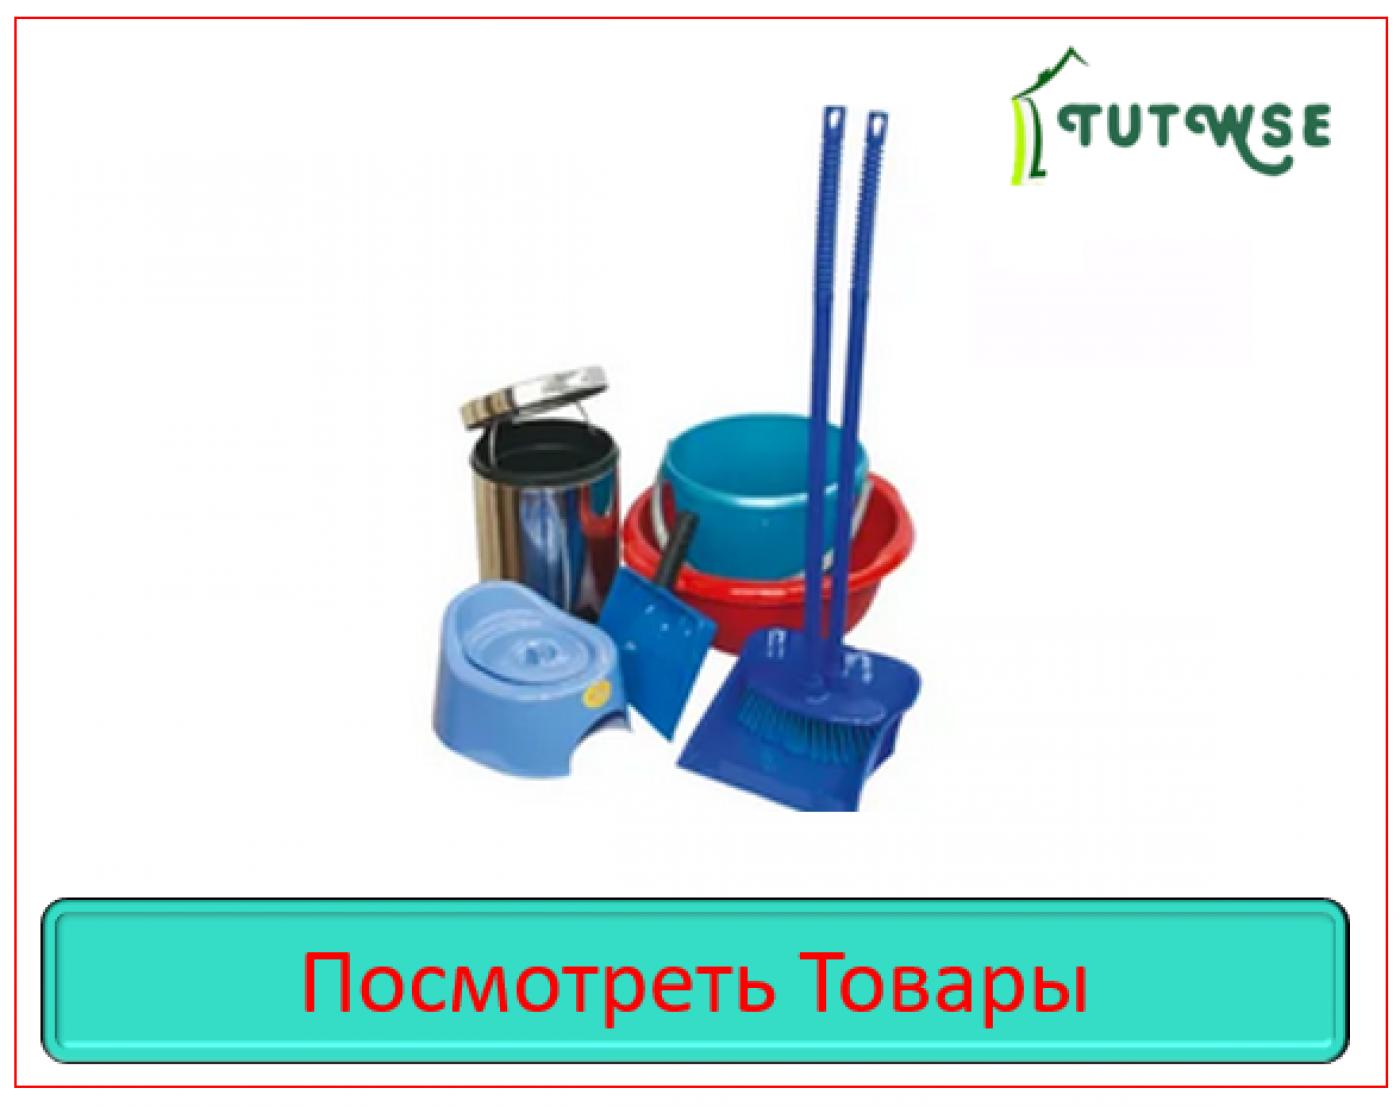 Бытовой Пластик Заказат Троицк Москва Санкт Петербург